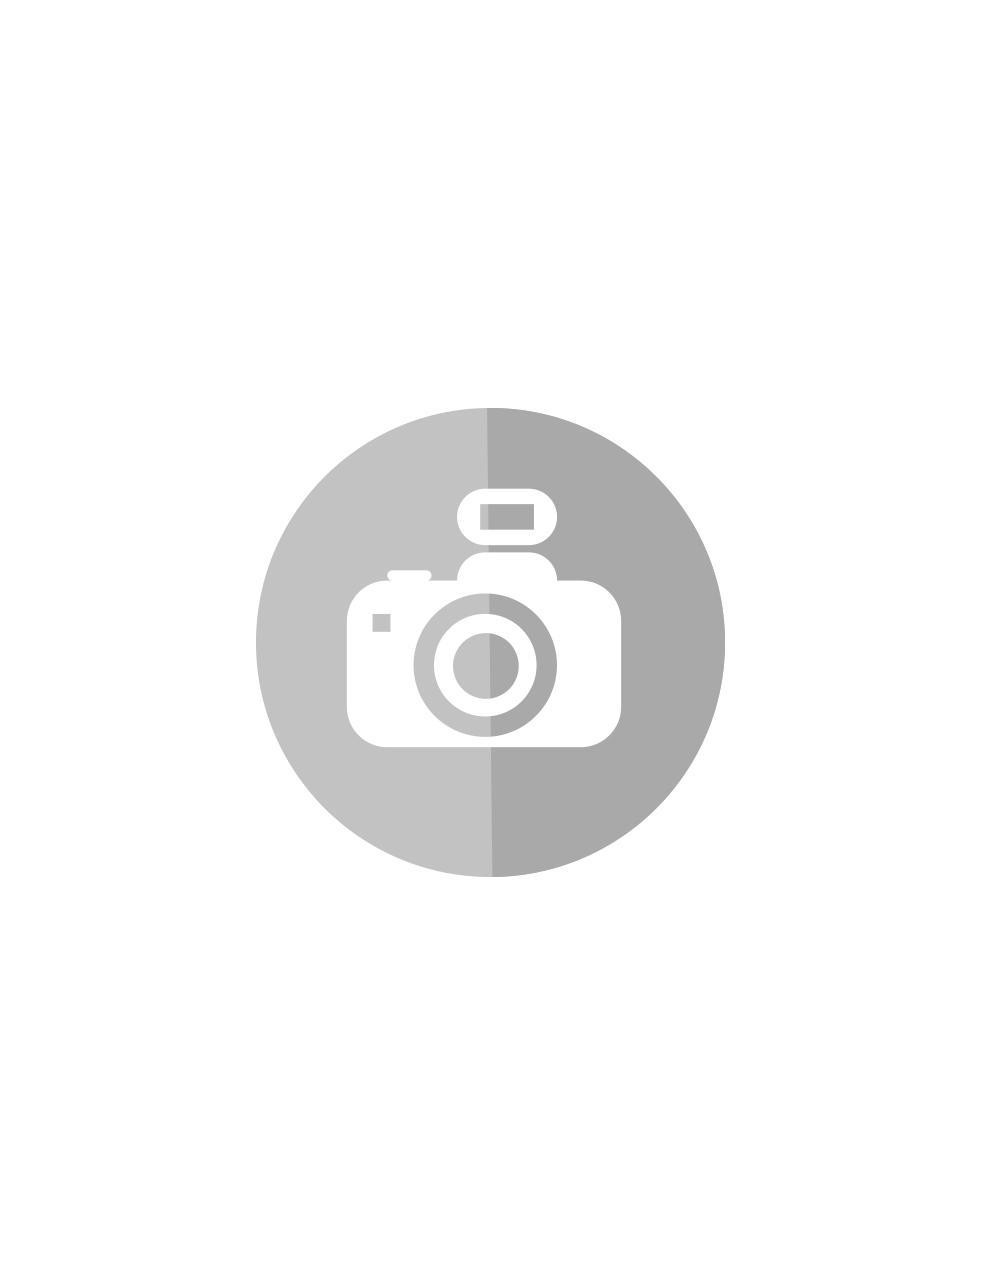 30049652_sparepart/SHAFT TRICYCLE